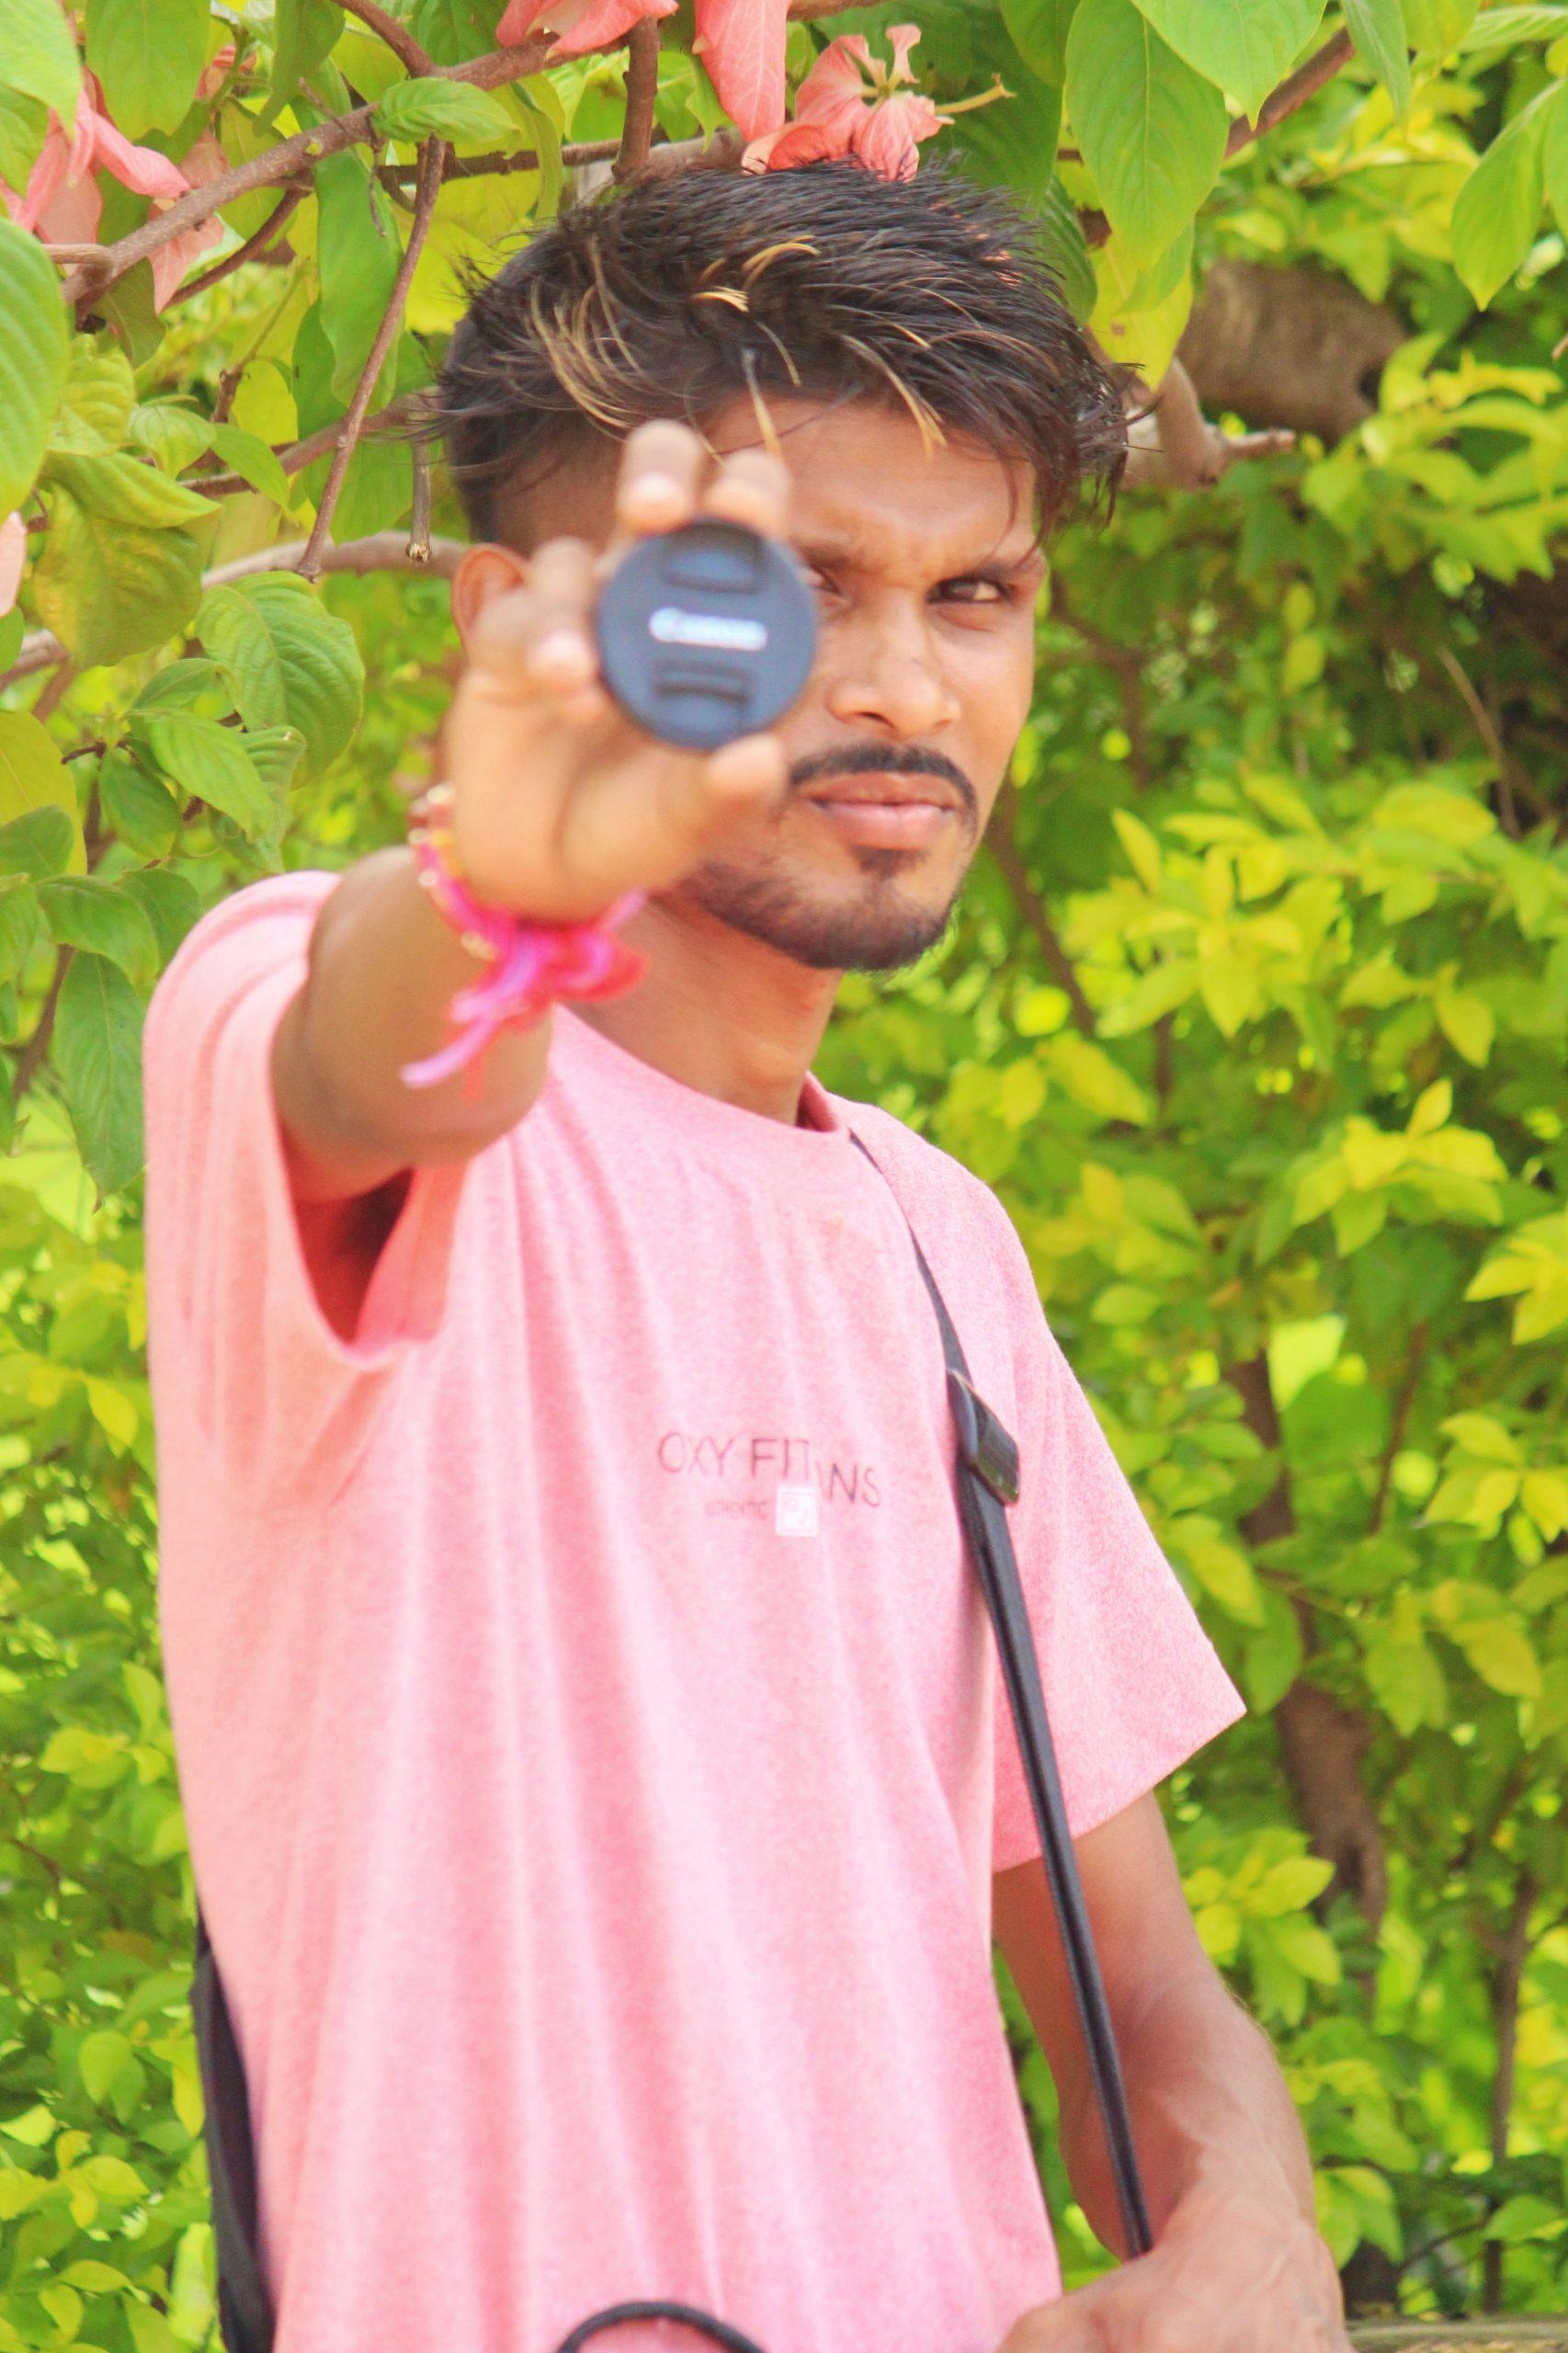 A boy showing lens cap